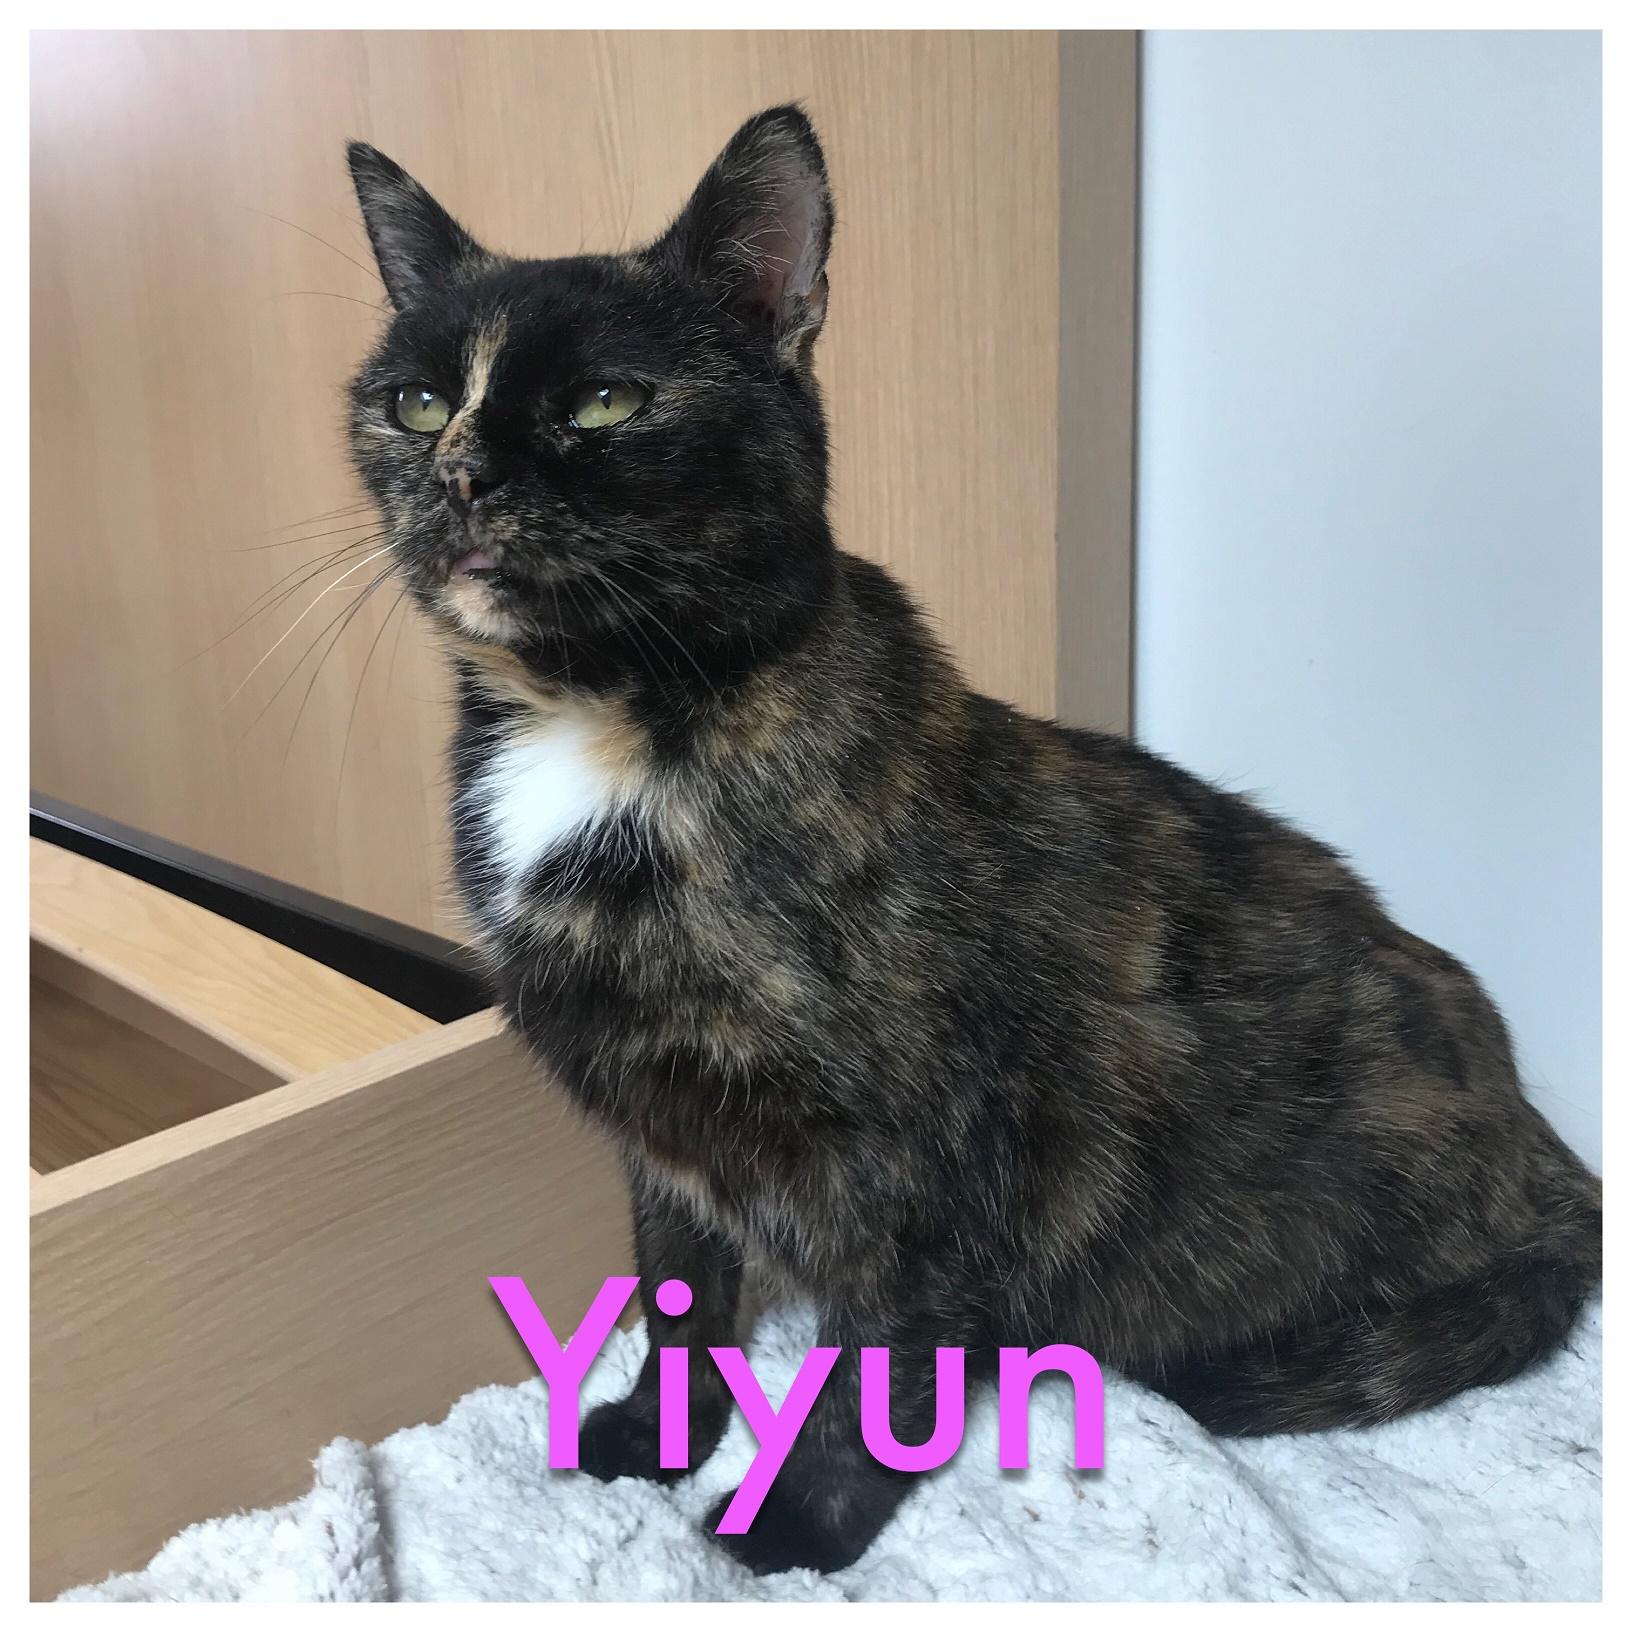 Yiyun